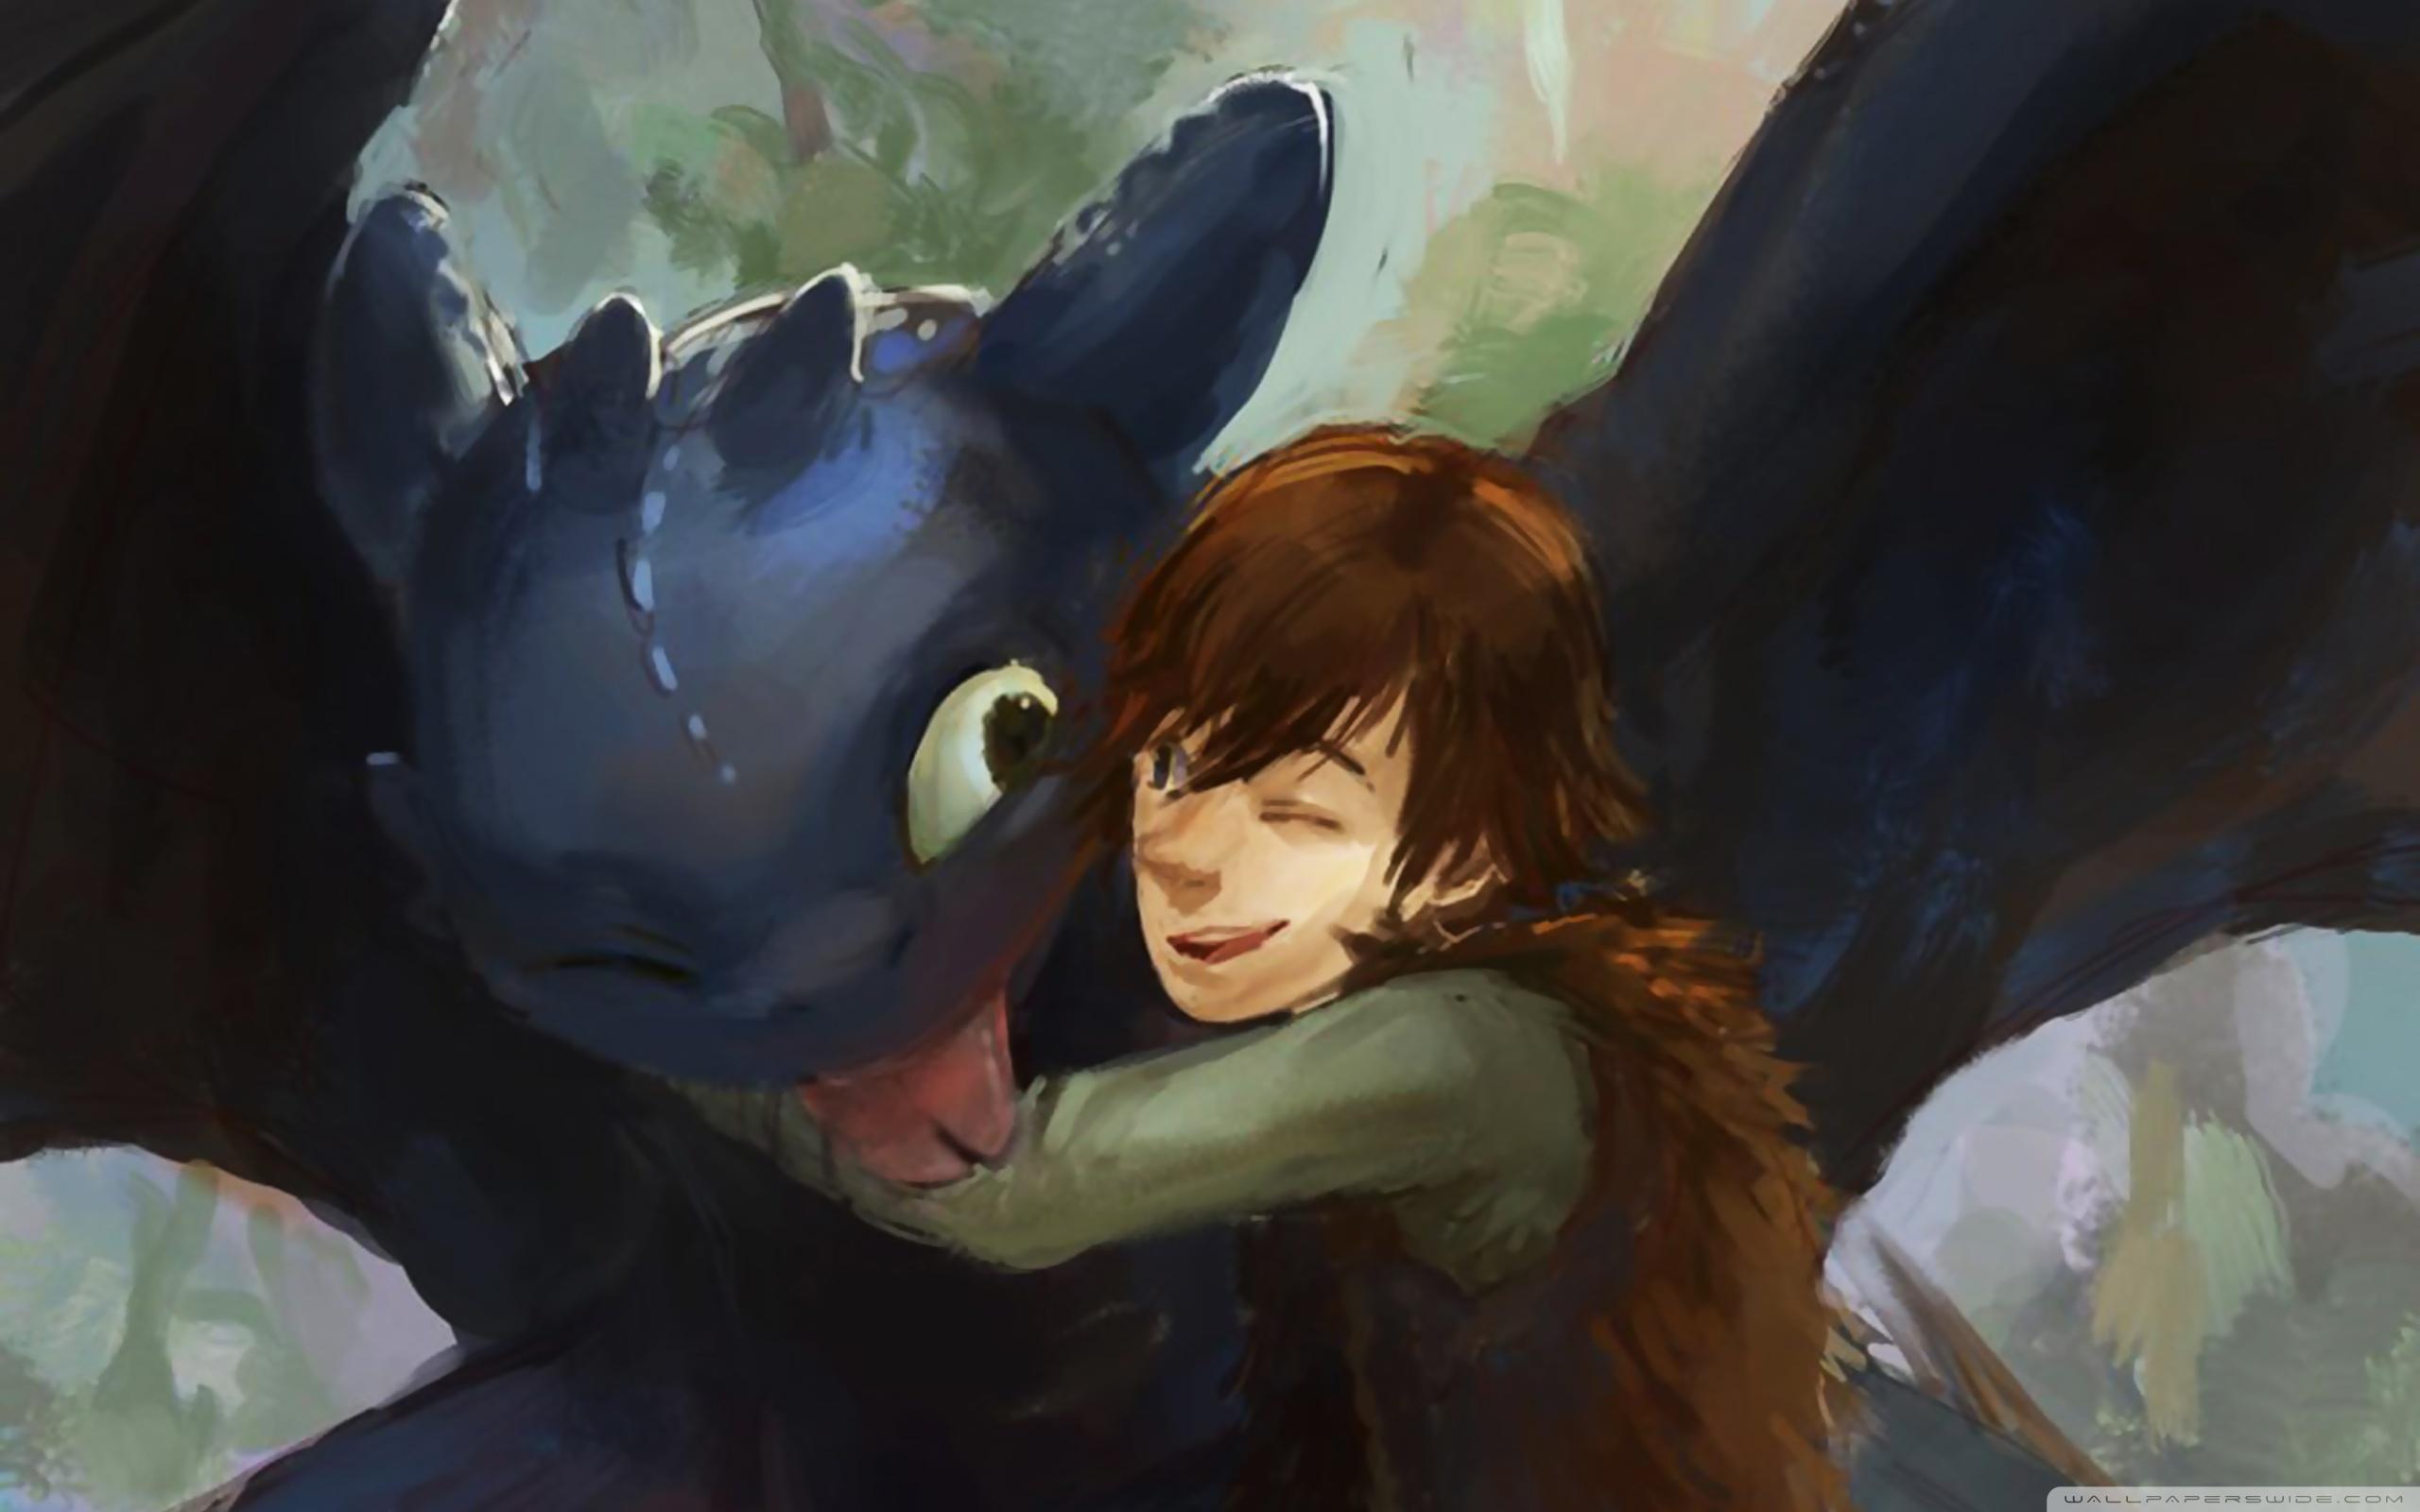 How To Train Your Dragon Hd Wallpaper 1548632 Zerochan Anime